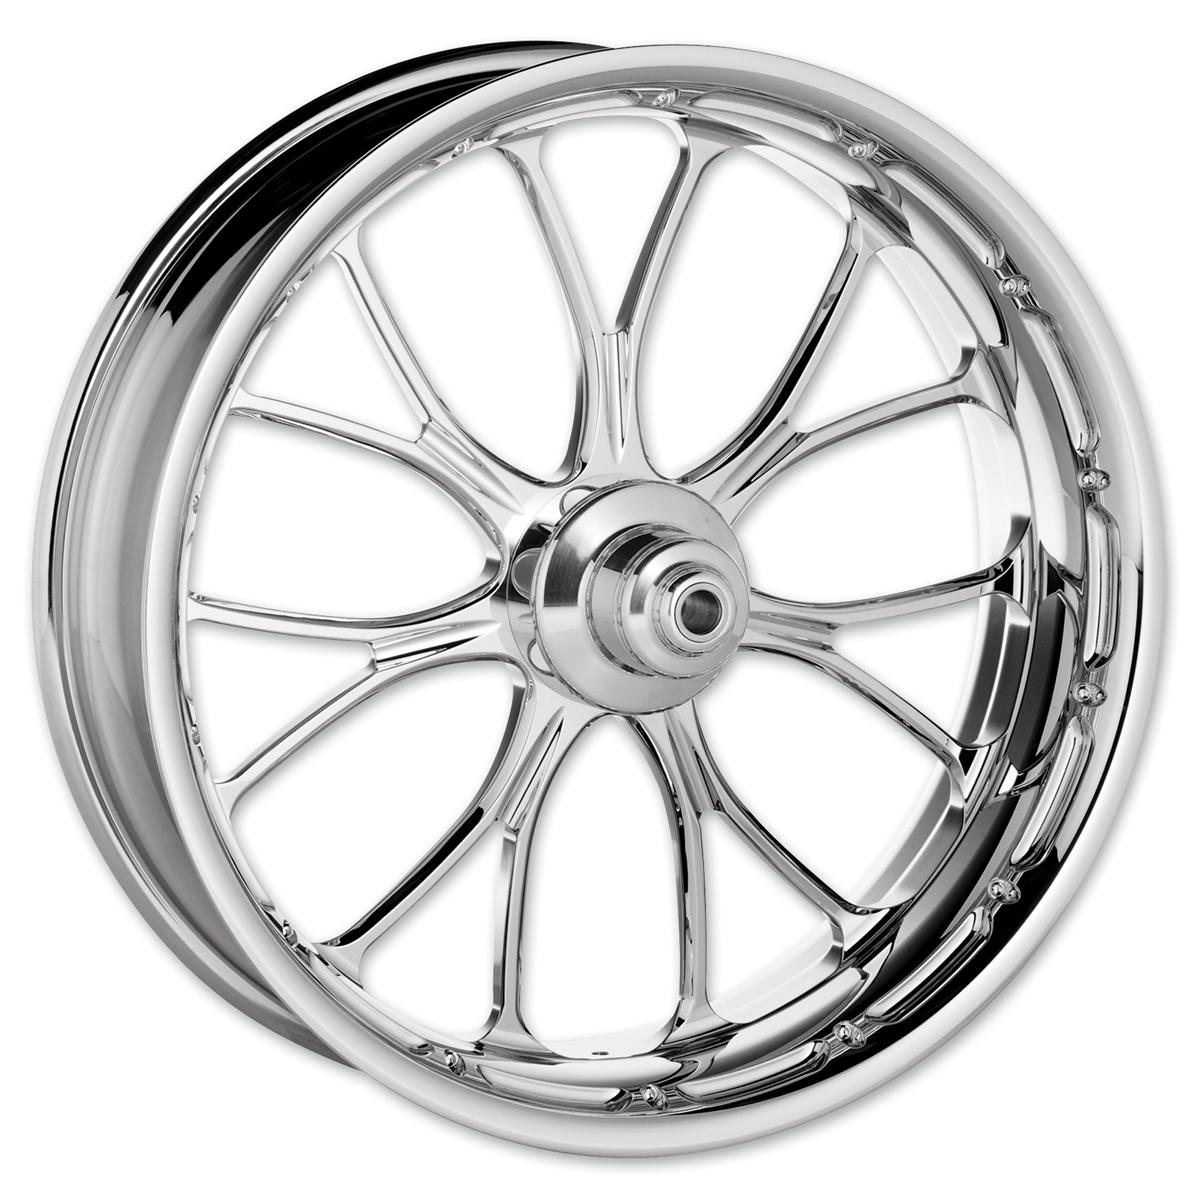 Performance Machine Heathen Chrome Front Wheel 21x3.5 Non-ABS